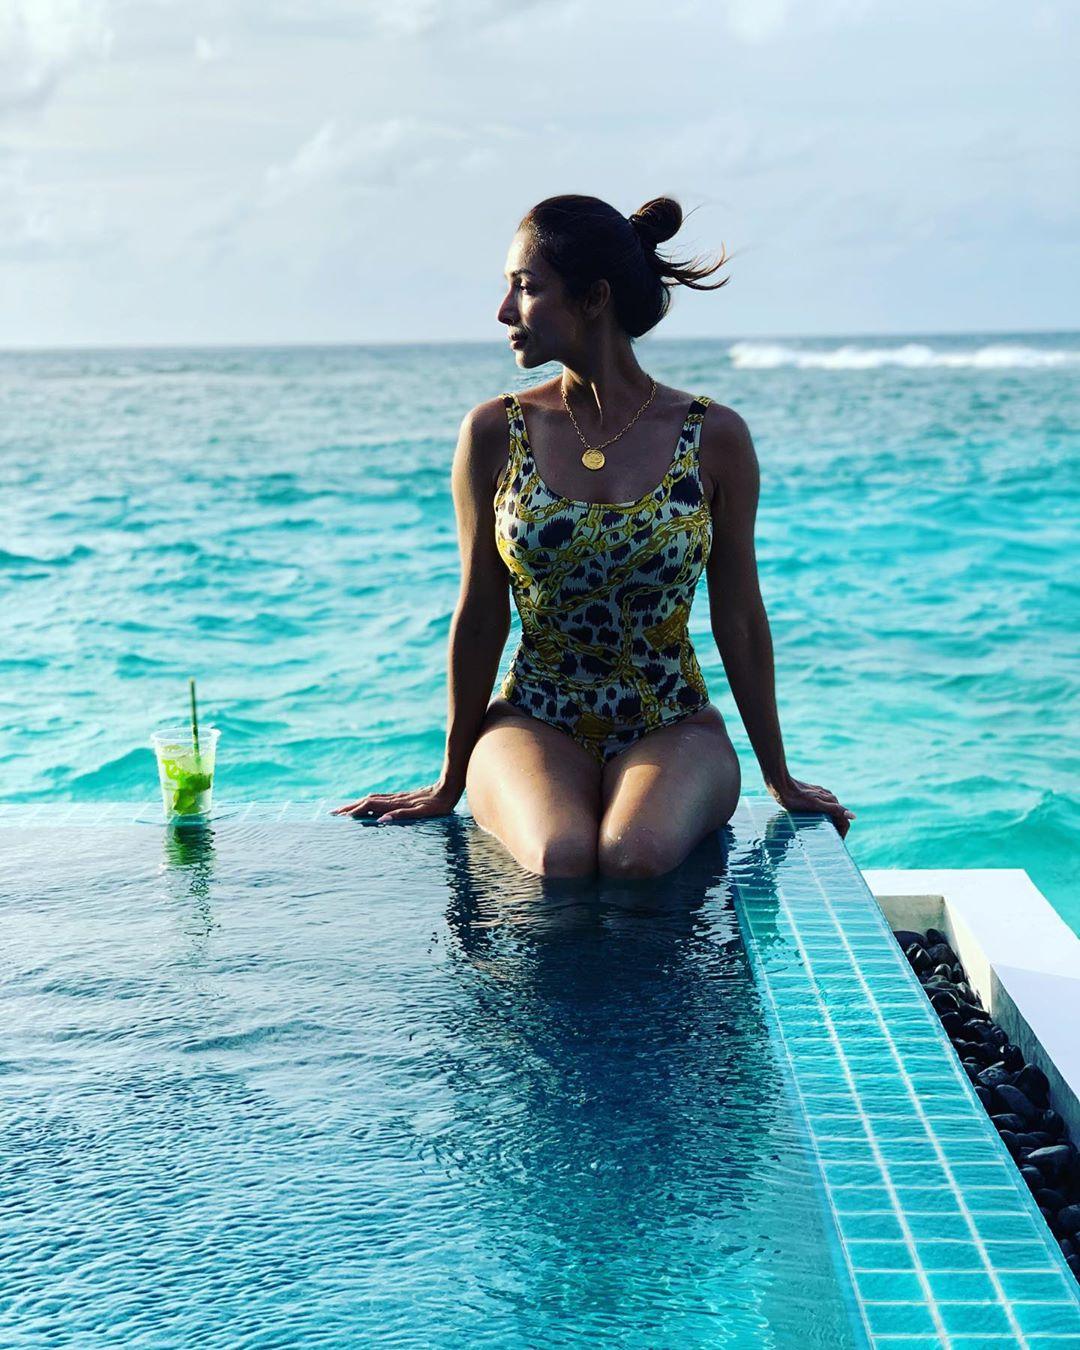 काही दिवसांपूर्वी मलायकानं तिच्या मालदीव व्हेकेशनचे फोटो तिच्या सोशल मीडियावर अकाउंटवर शेअर केले होते त्यानंतर आता तिनं आणखी एक Throwback बिकिनी फोटो शेअर केला आहे.